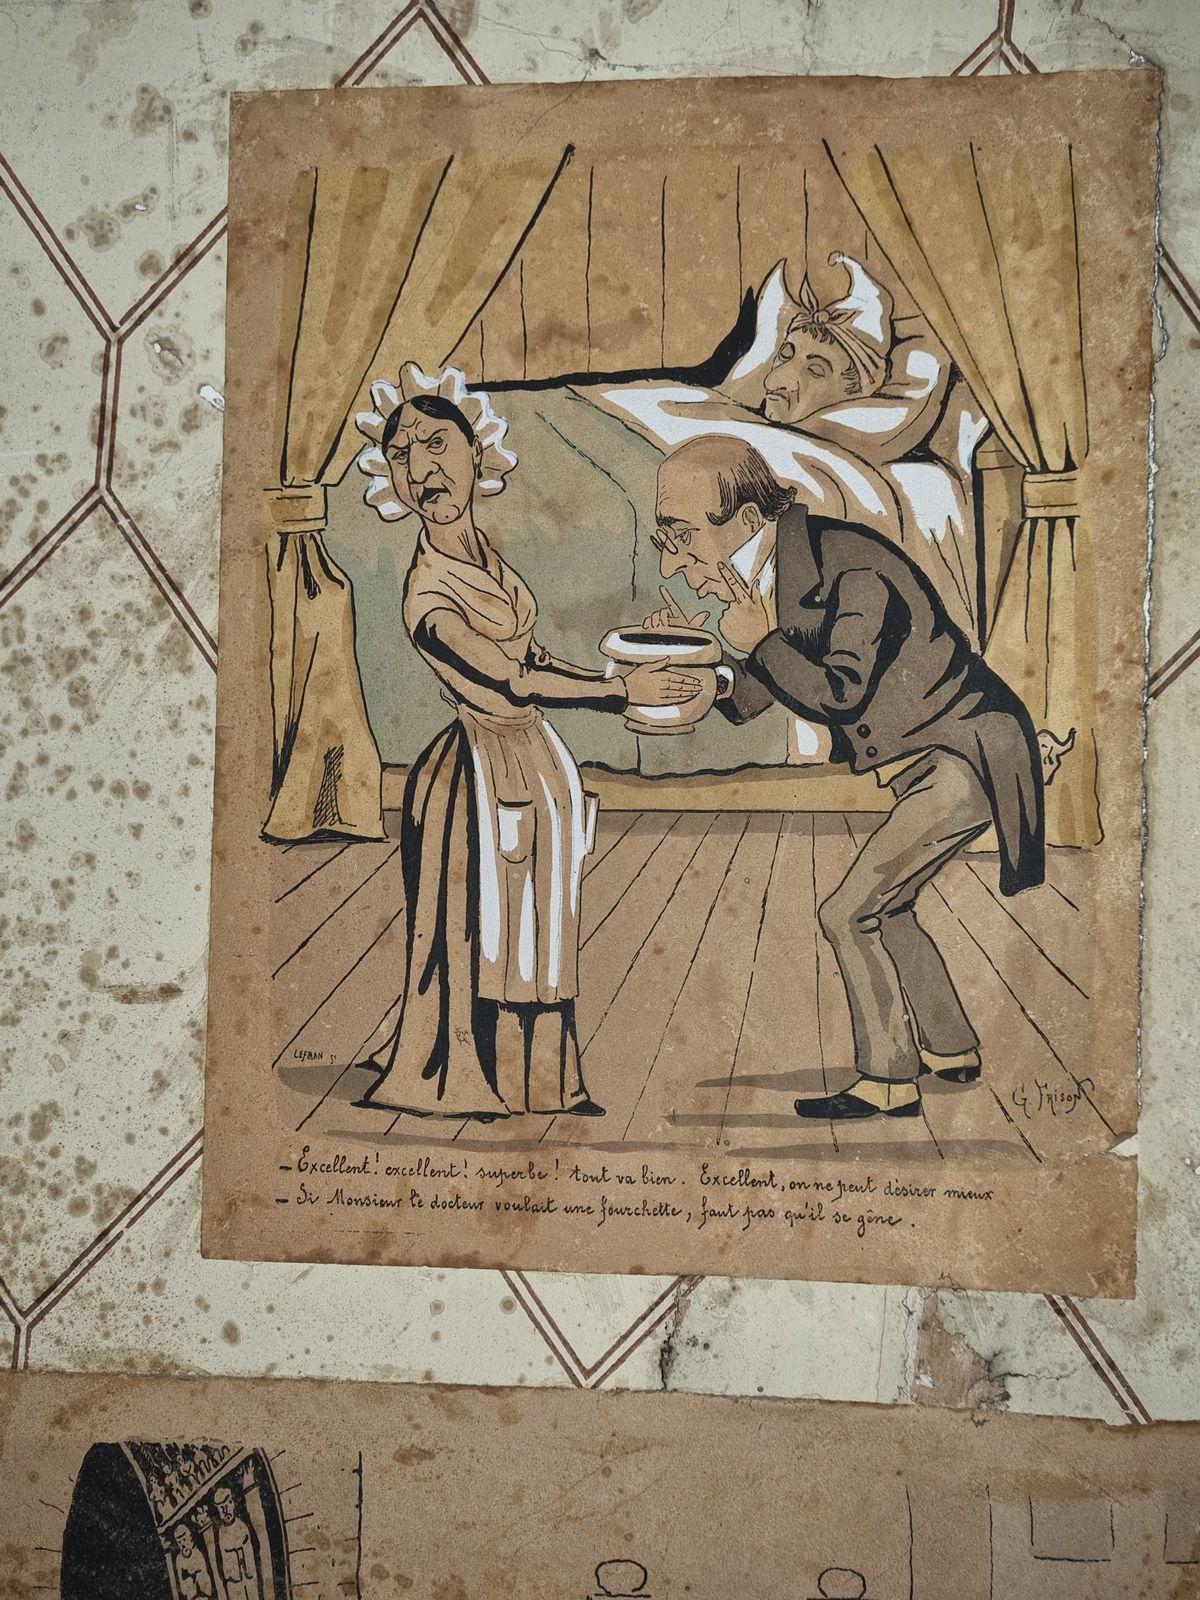 La caricature s'expose au châteaux aux assiettes